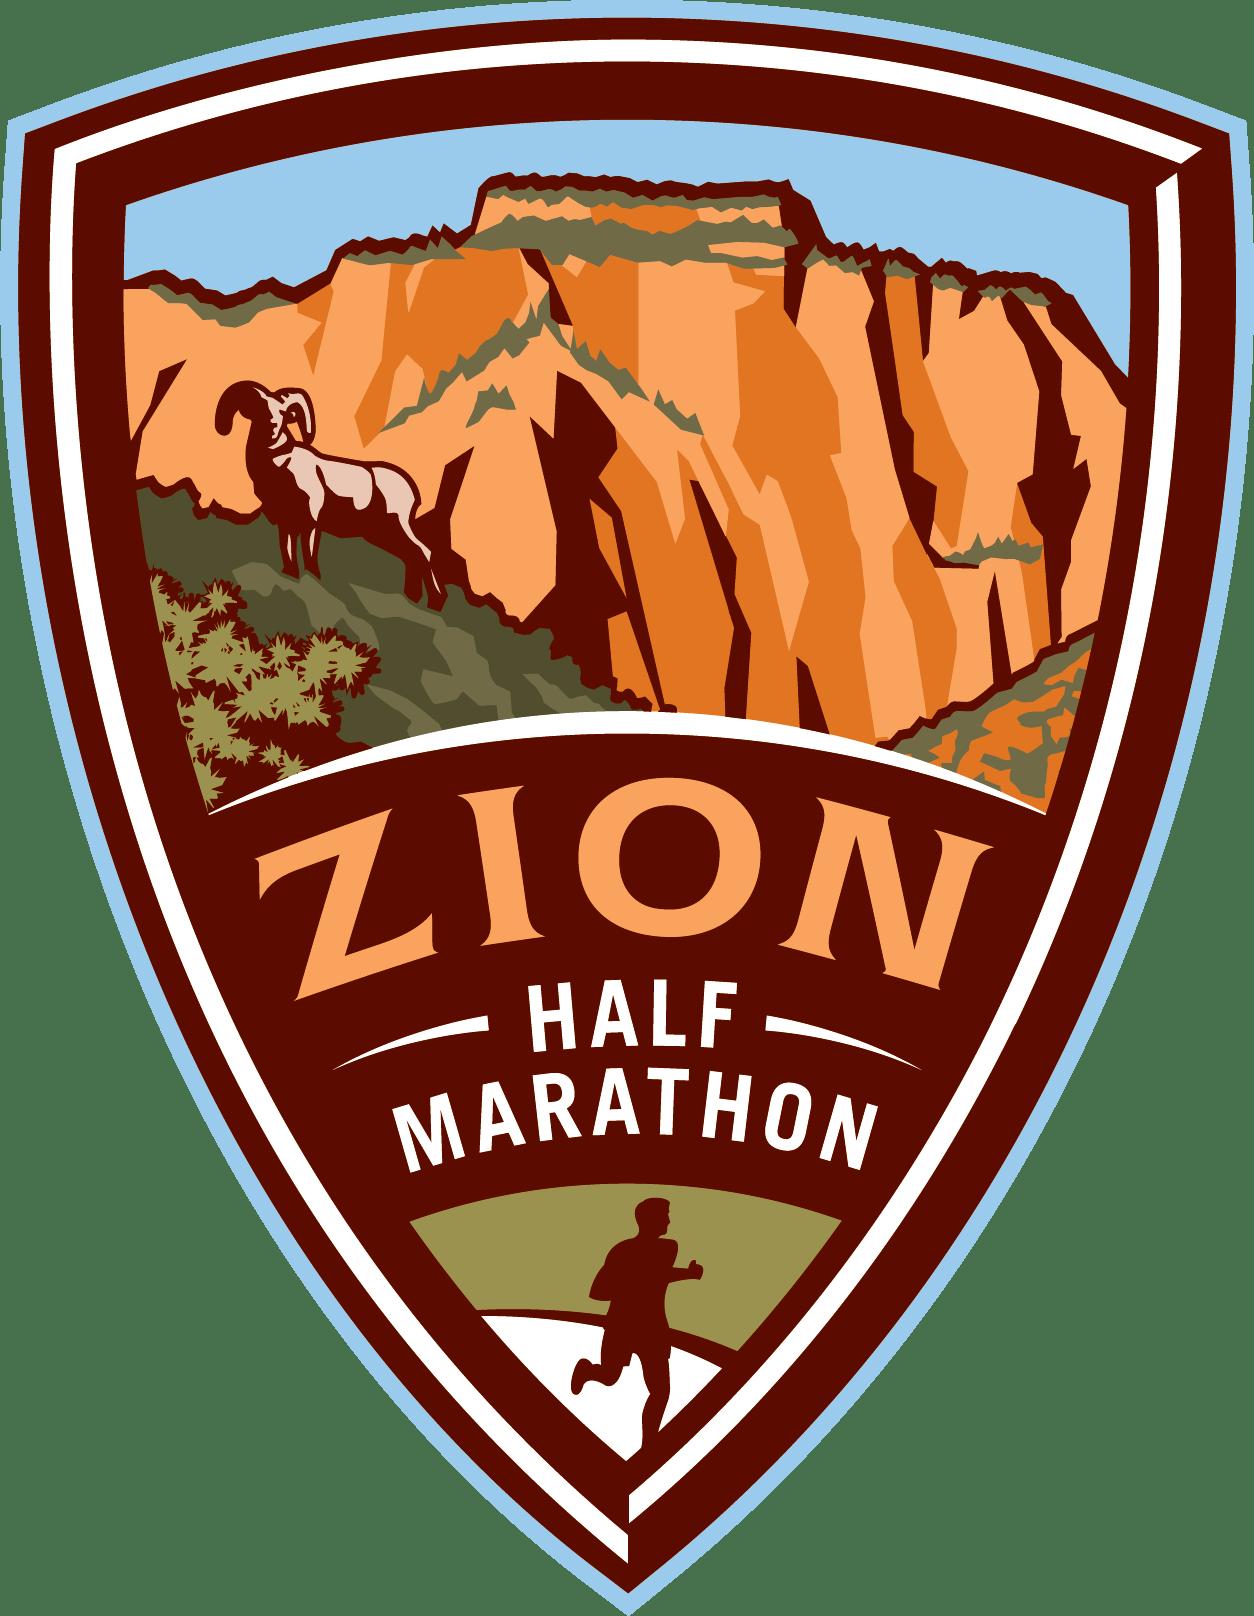 2021 Zion Half Marathon Logo